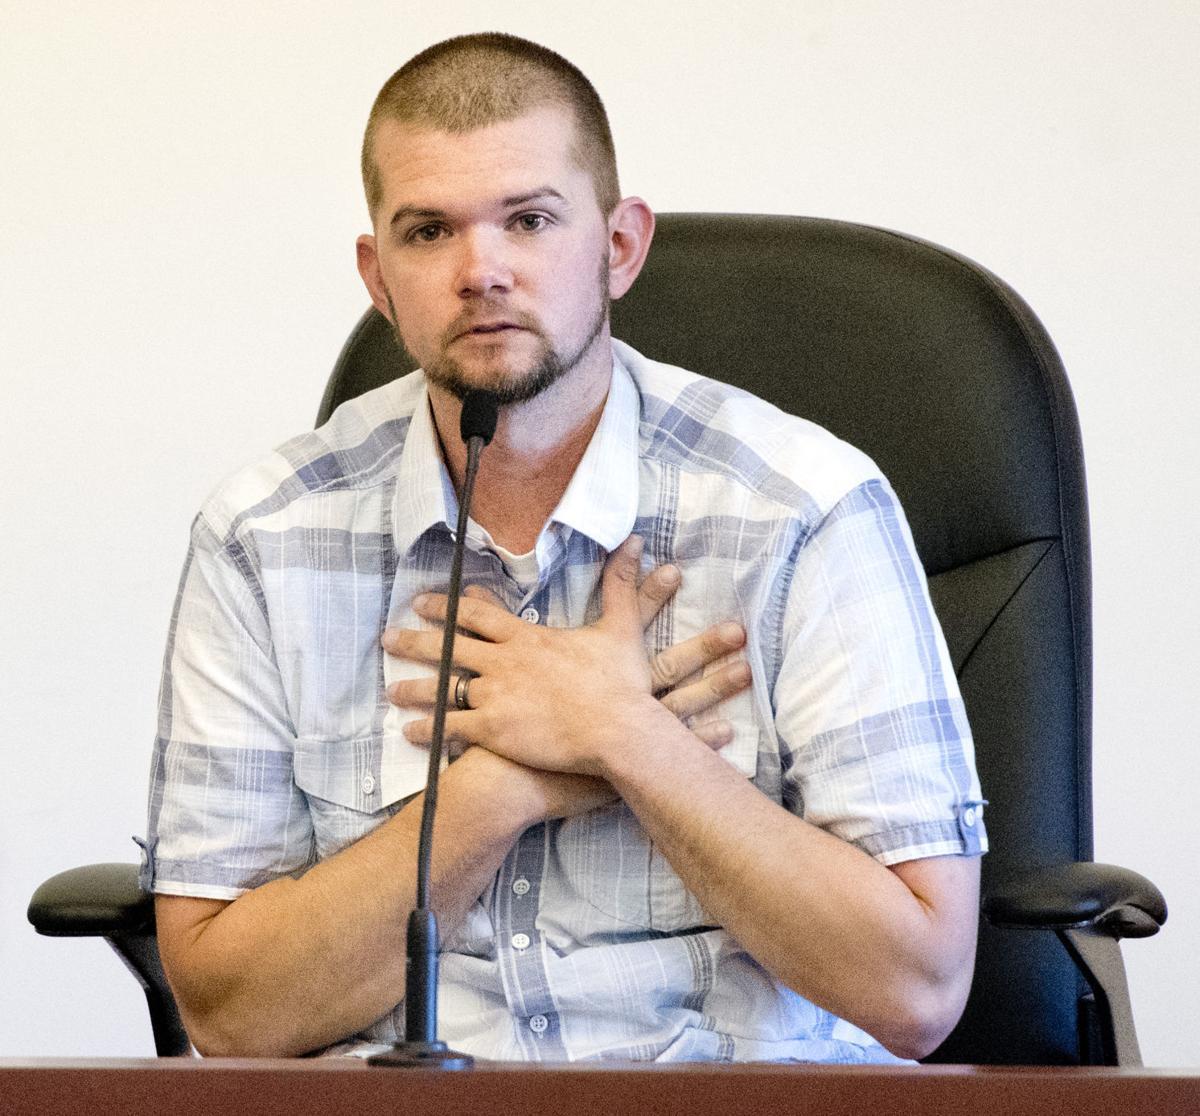 Thomas Bibler trial